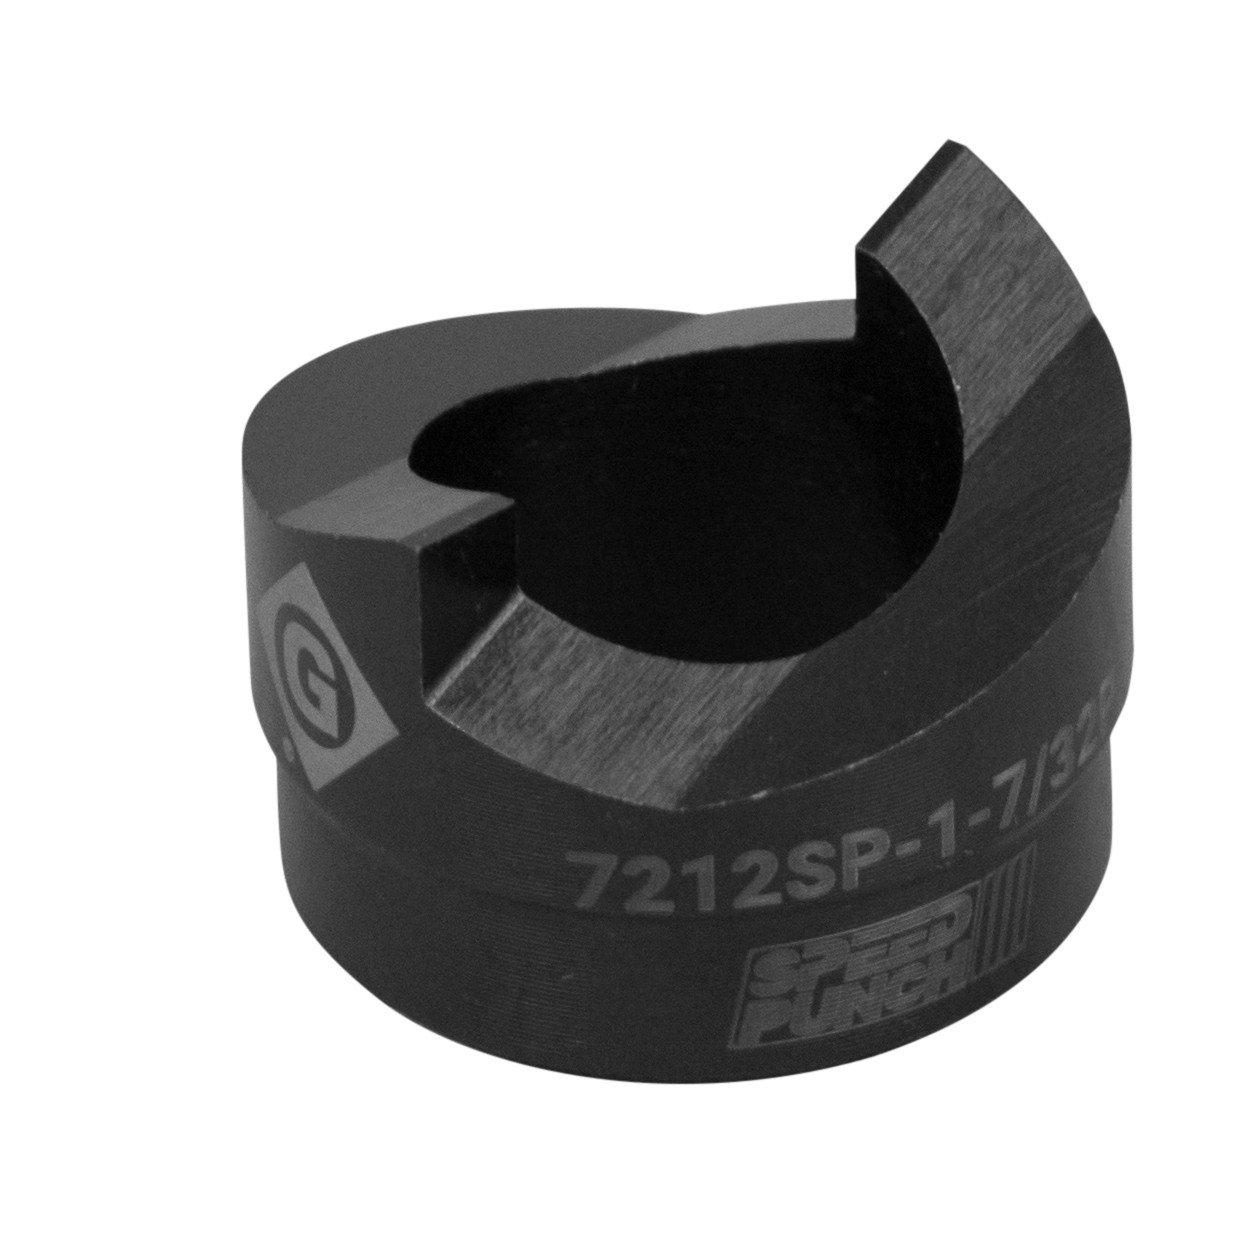 Greenlee Speed Punch 7212SP-1-7/32P, 1-7/32-Inch Round Punch (30.5 MM), Mild Steel